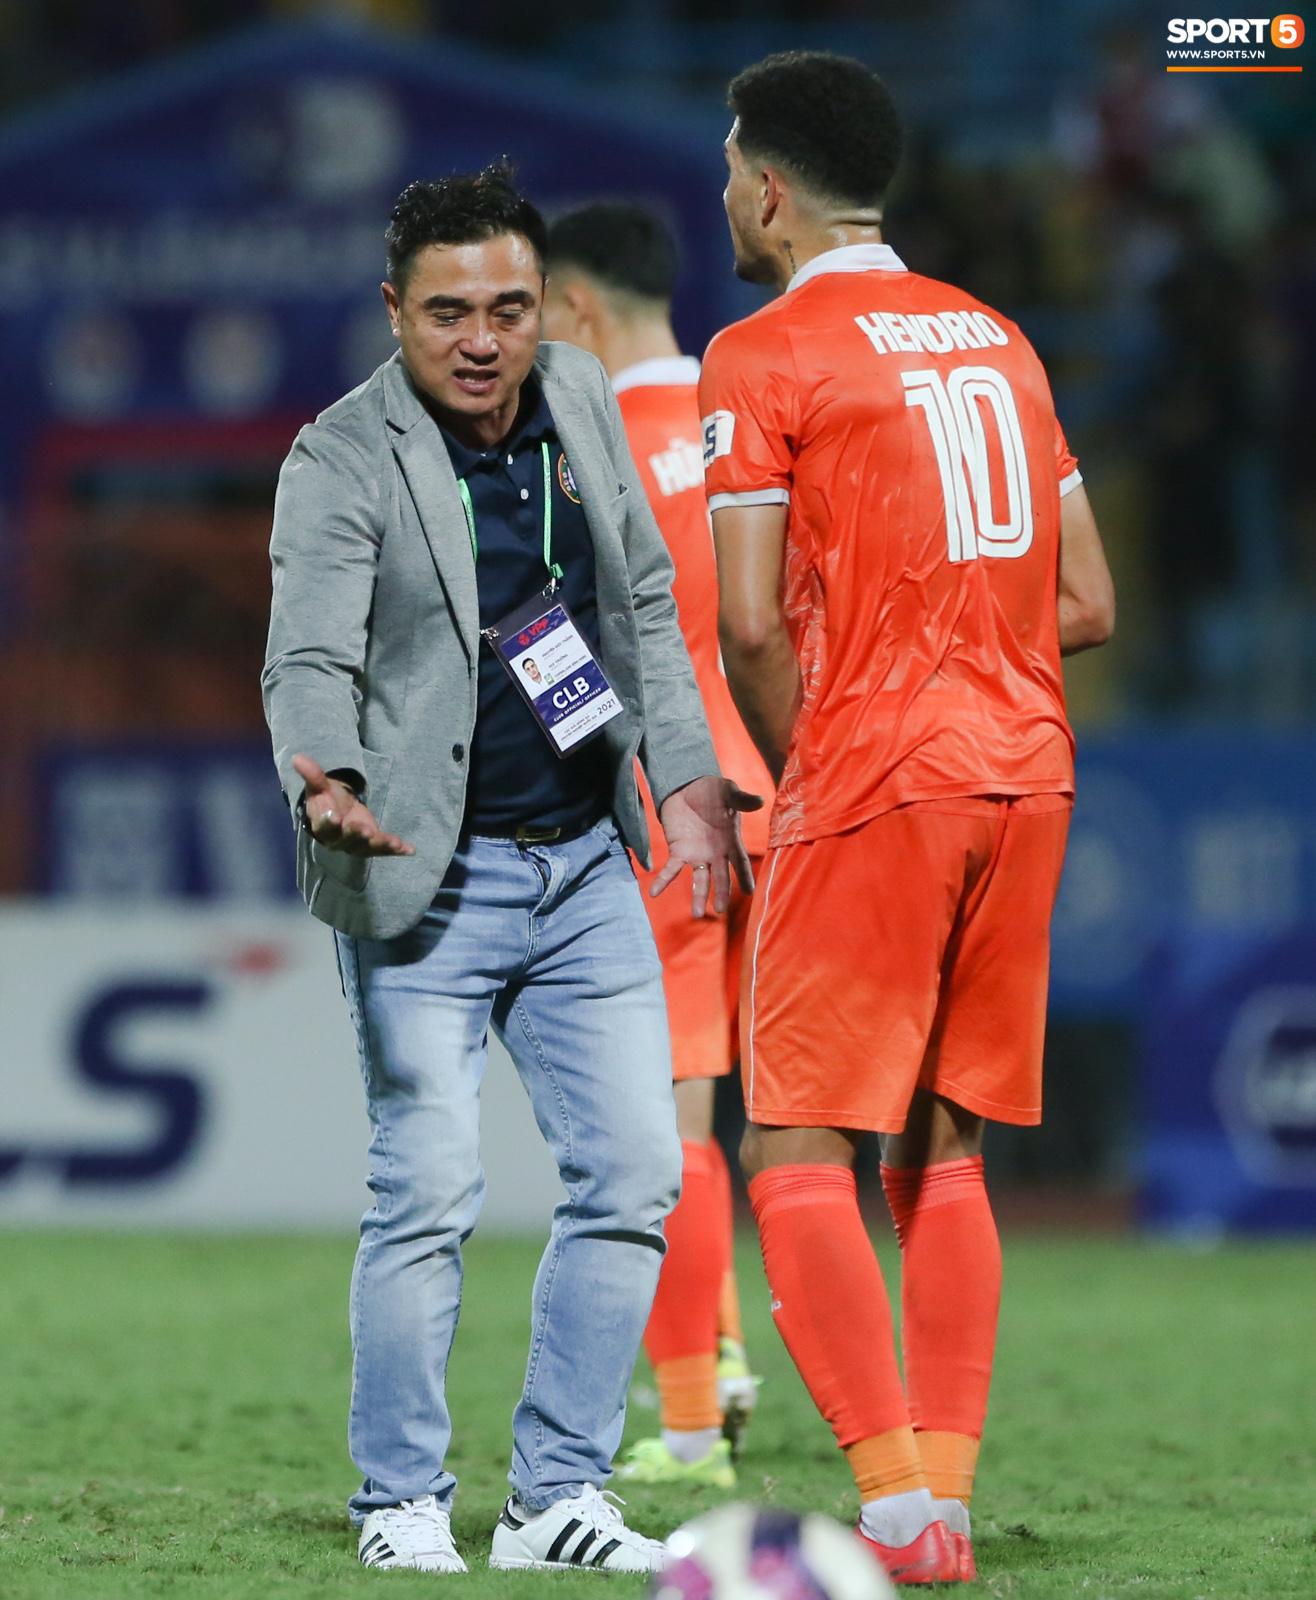 Cựu cầu thủ U16 Barca nằm sân câu giờ, bị HLV Bình Định mắng không hiểu gì về bóng đá Việt Nam - ảnh 6